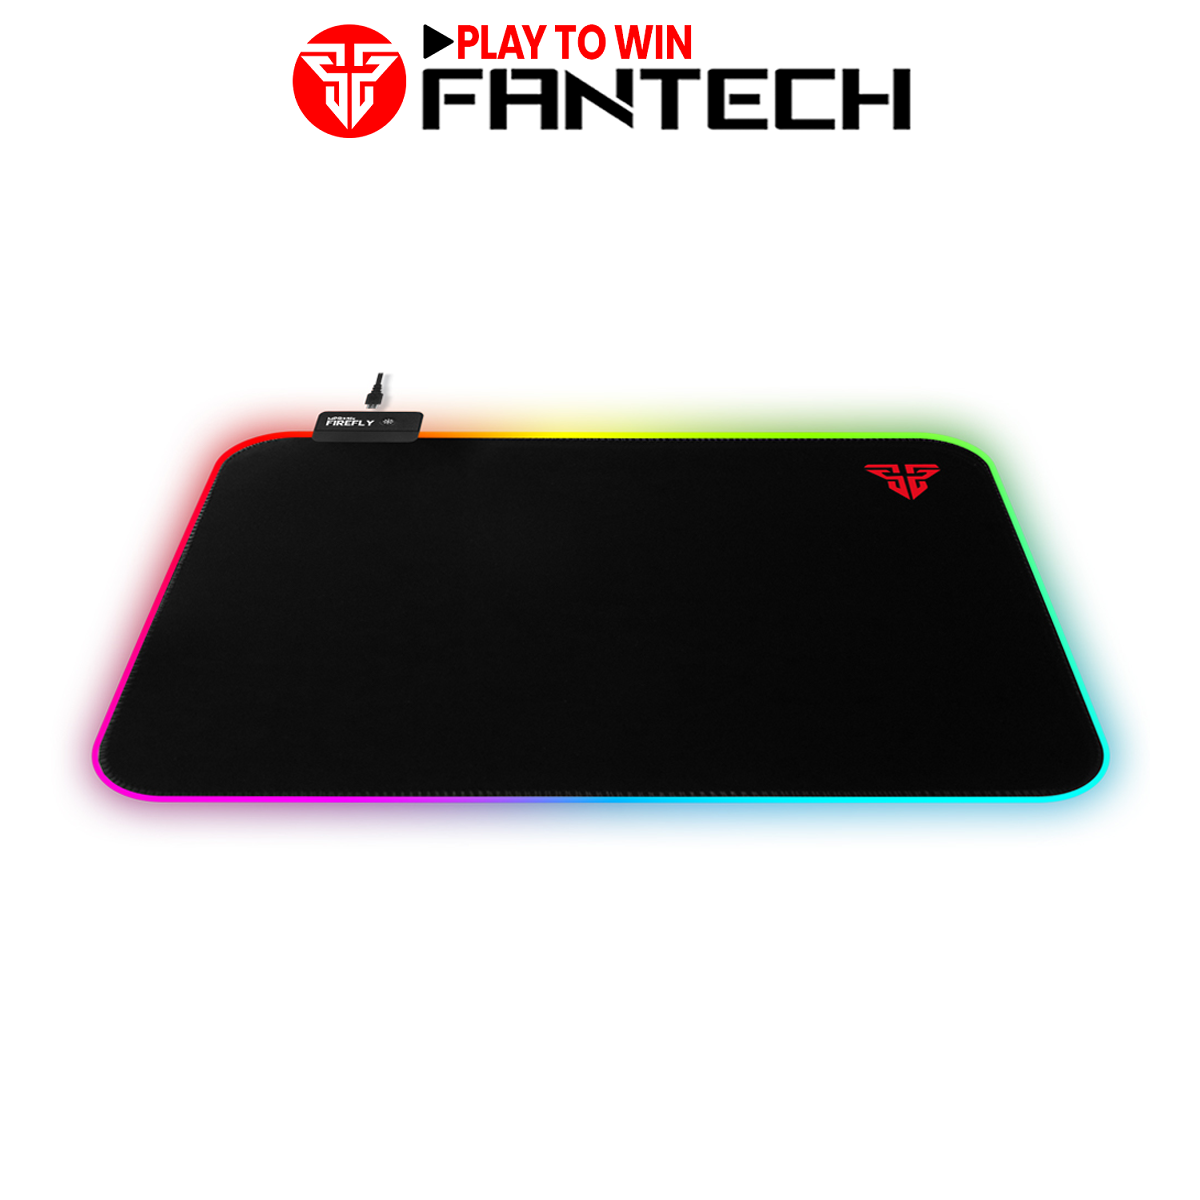 Đế lót di chuột đèn LED RGB 7 chế độ khác nhau Fantech MPR351S – Hãng Phân Phối Chính Thức